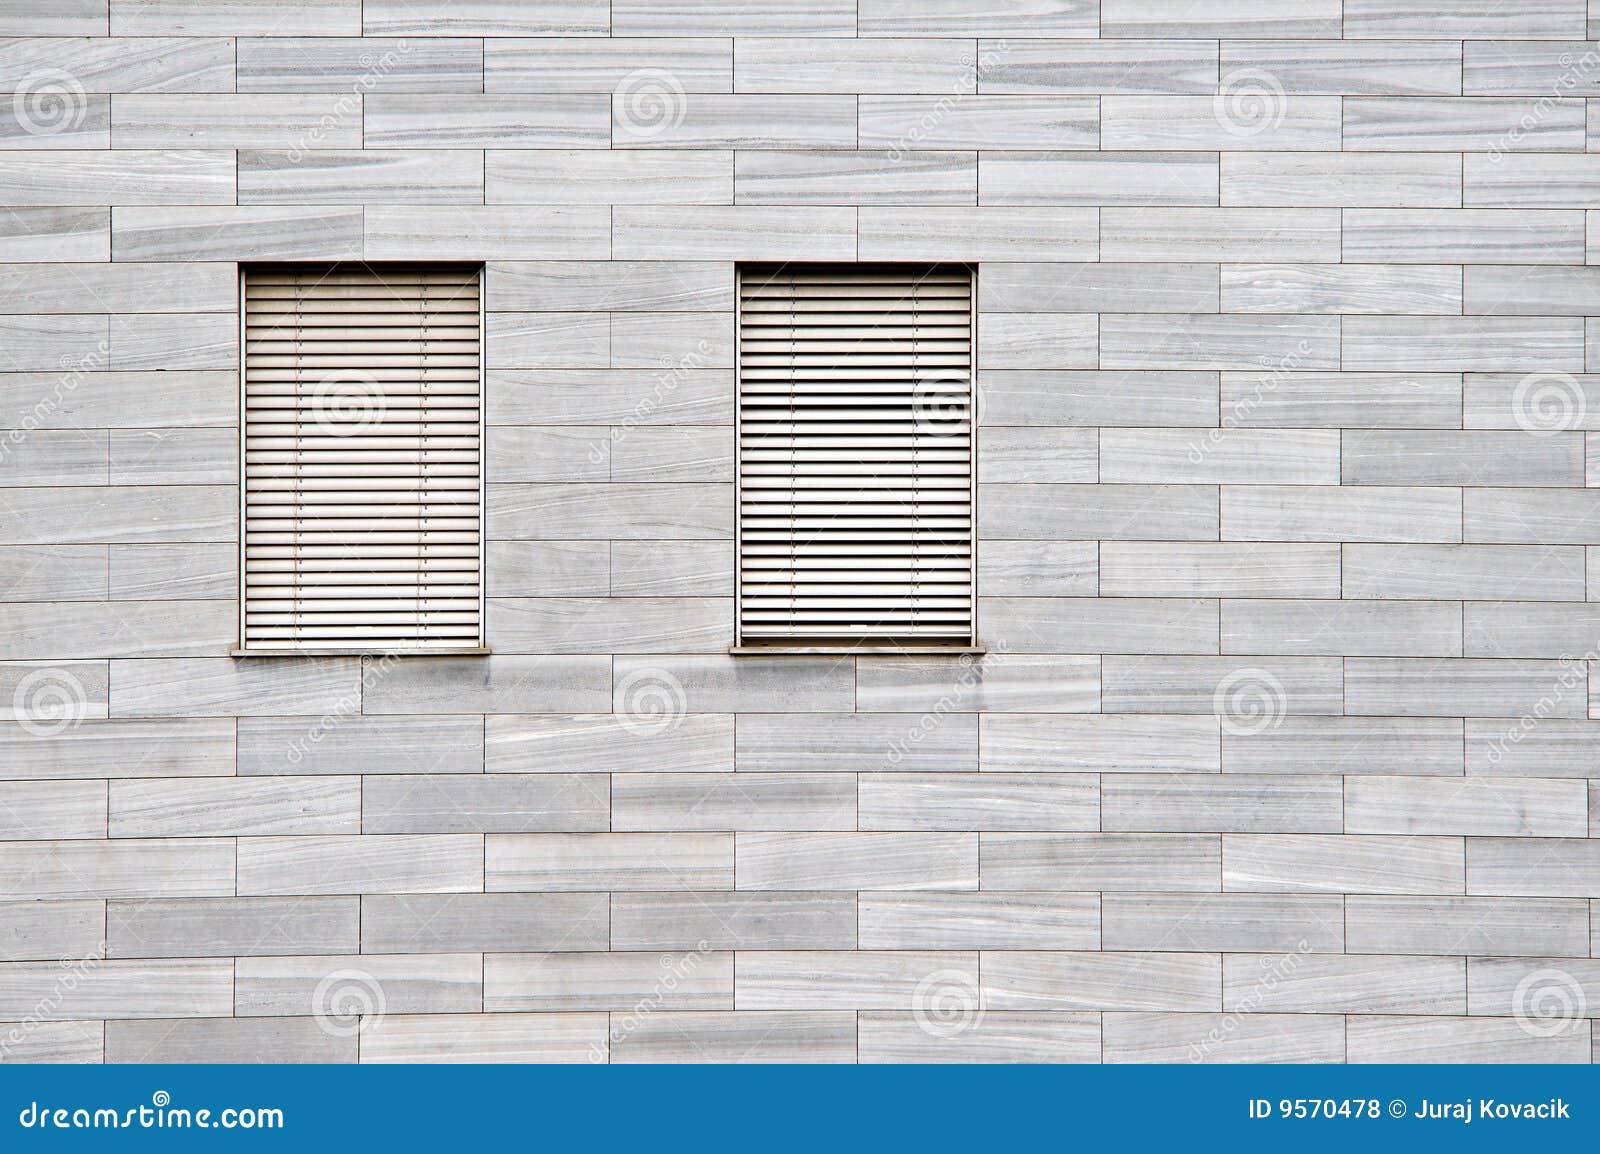 steinfassade mit fenstern stockfoto bild von struktur. Black Bedroom Furniture Sets. Home Design Ideas